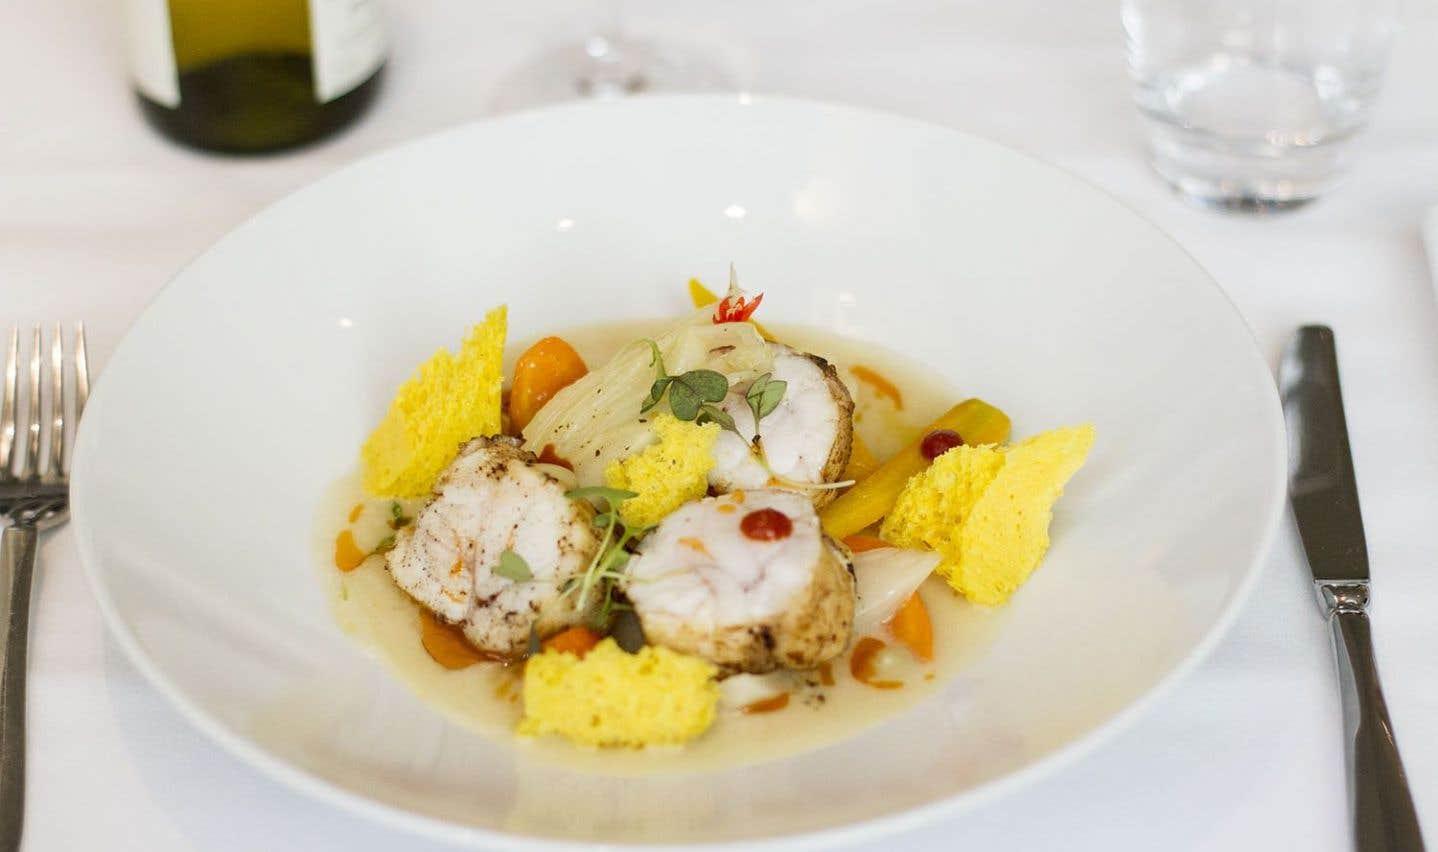 Le plat de lotte façon bouillabaisse du chef Olivier Perret, au restaurant Le Renoir.